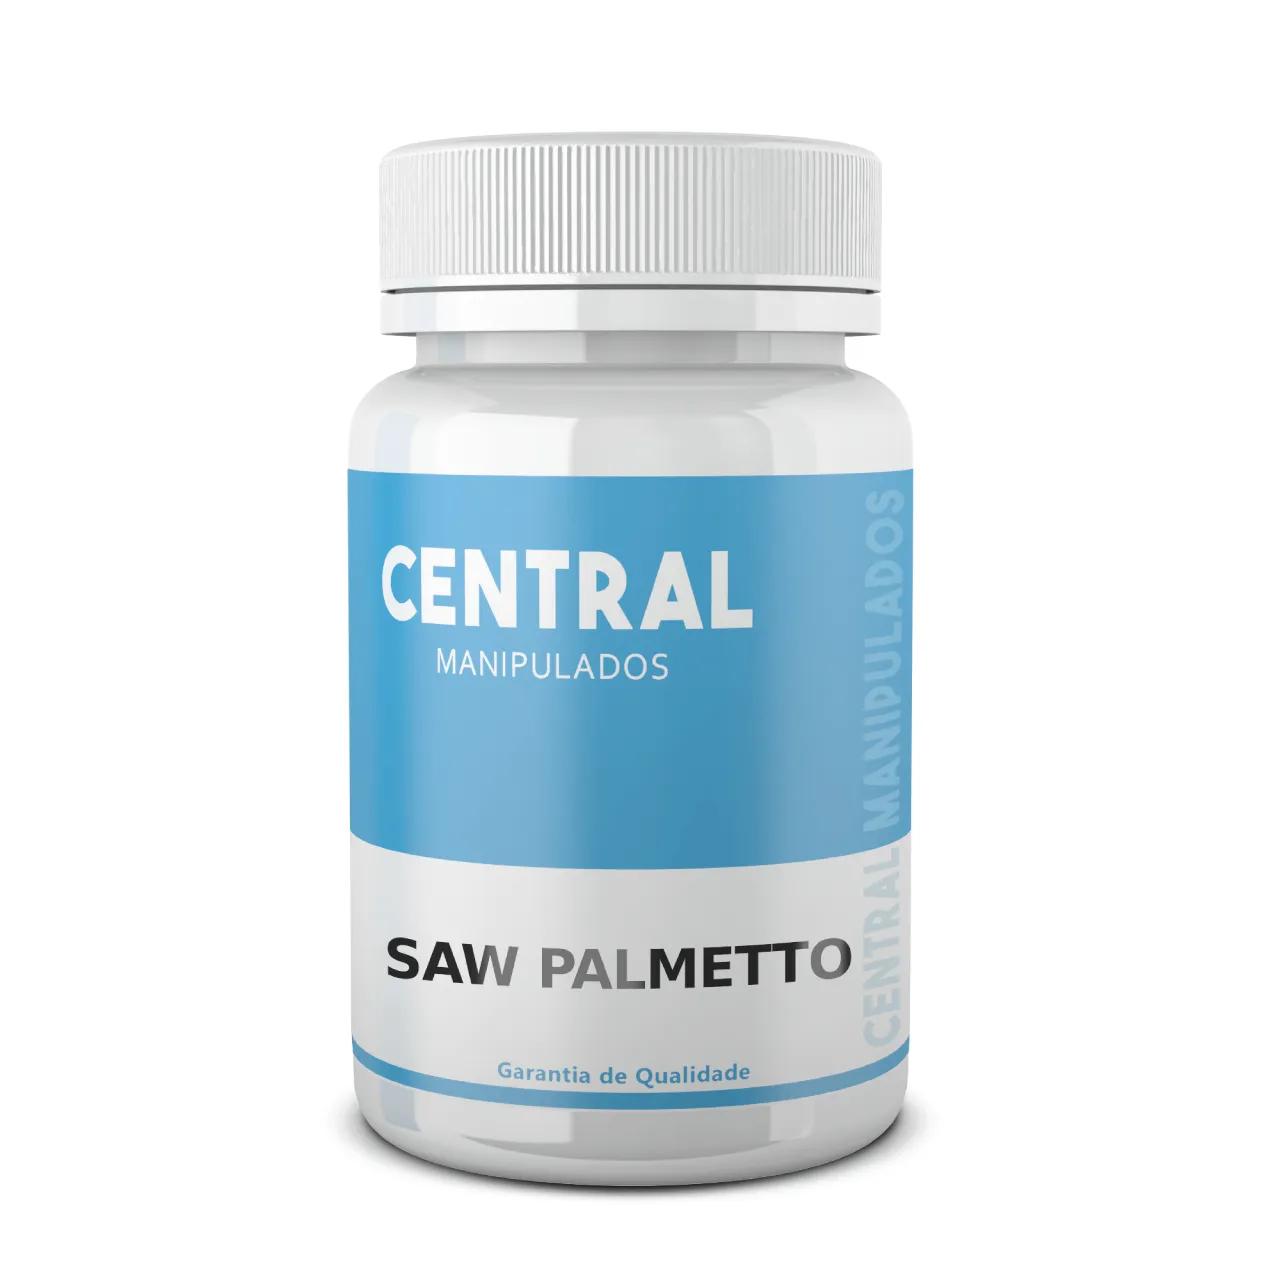 Saw Palmetto 200mg - 30 Cápsulas - Prevenção de doenças da Próstata, Hiperplasia Benigna de Próstata (HPB), Desordem dos sistemas urinário e genital